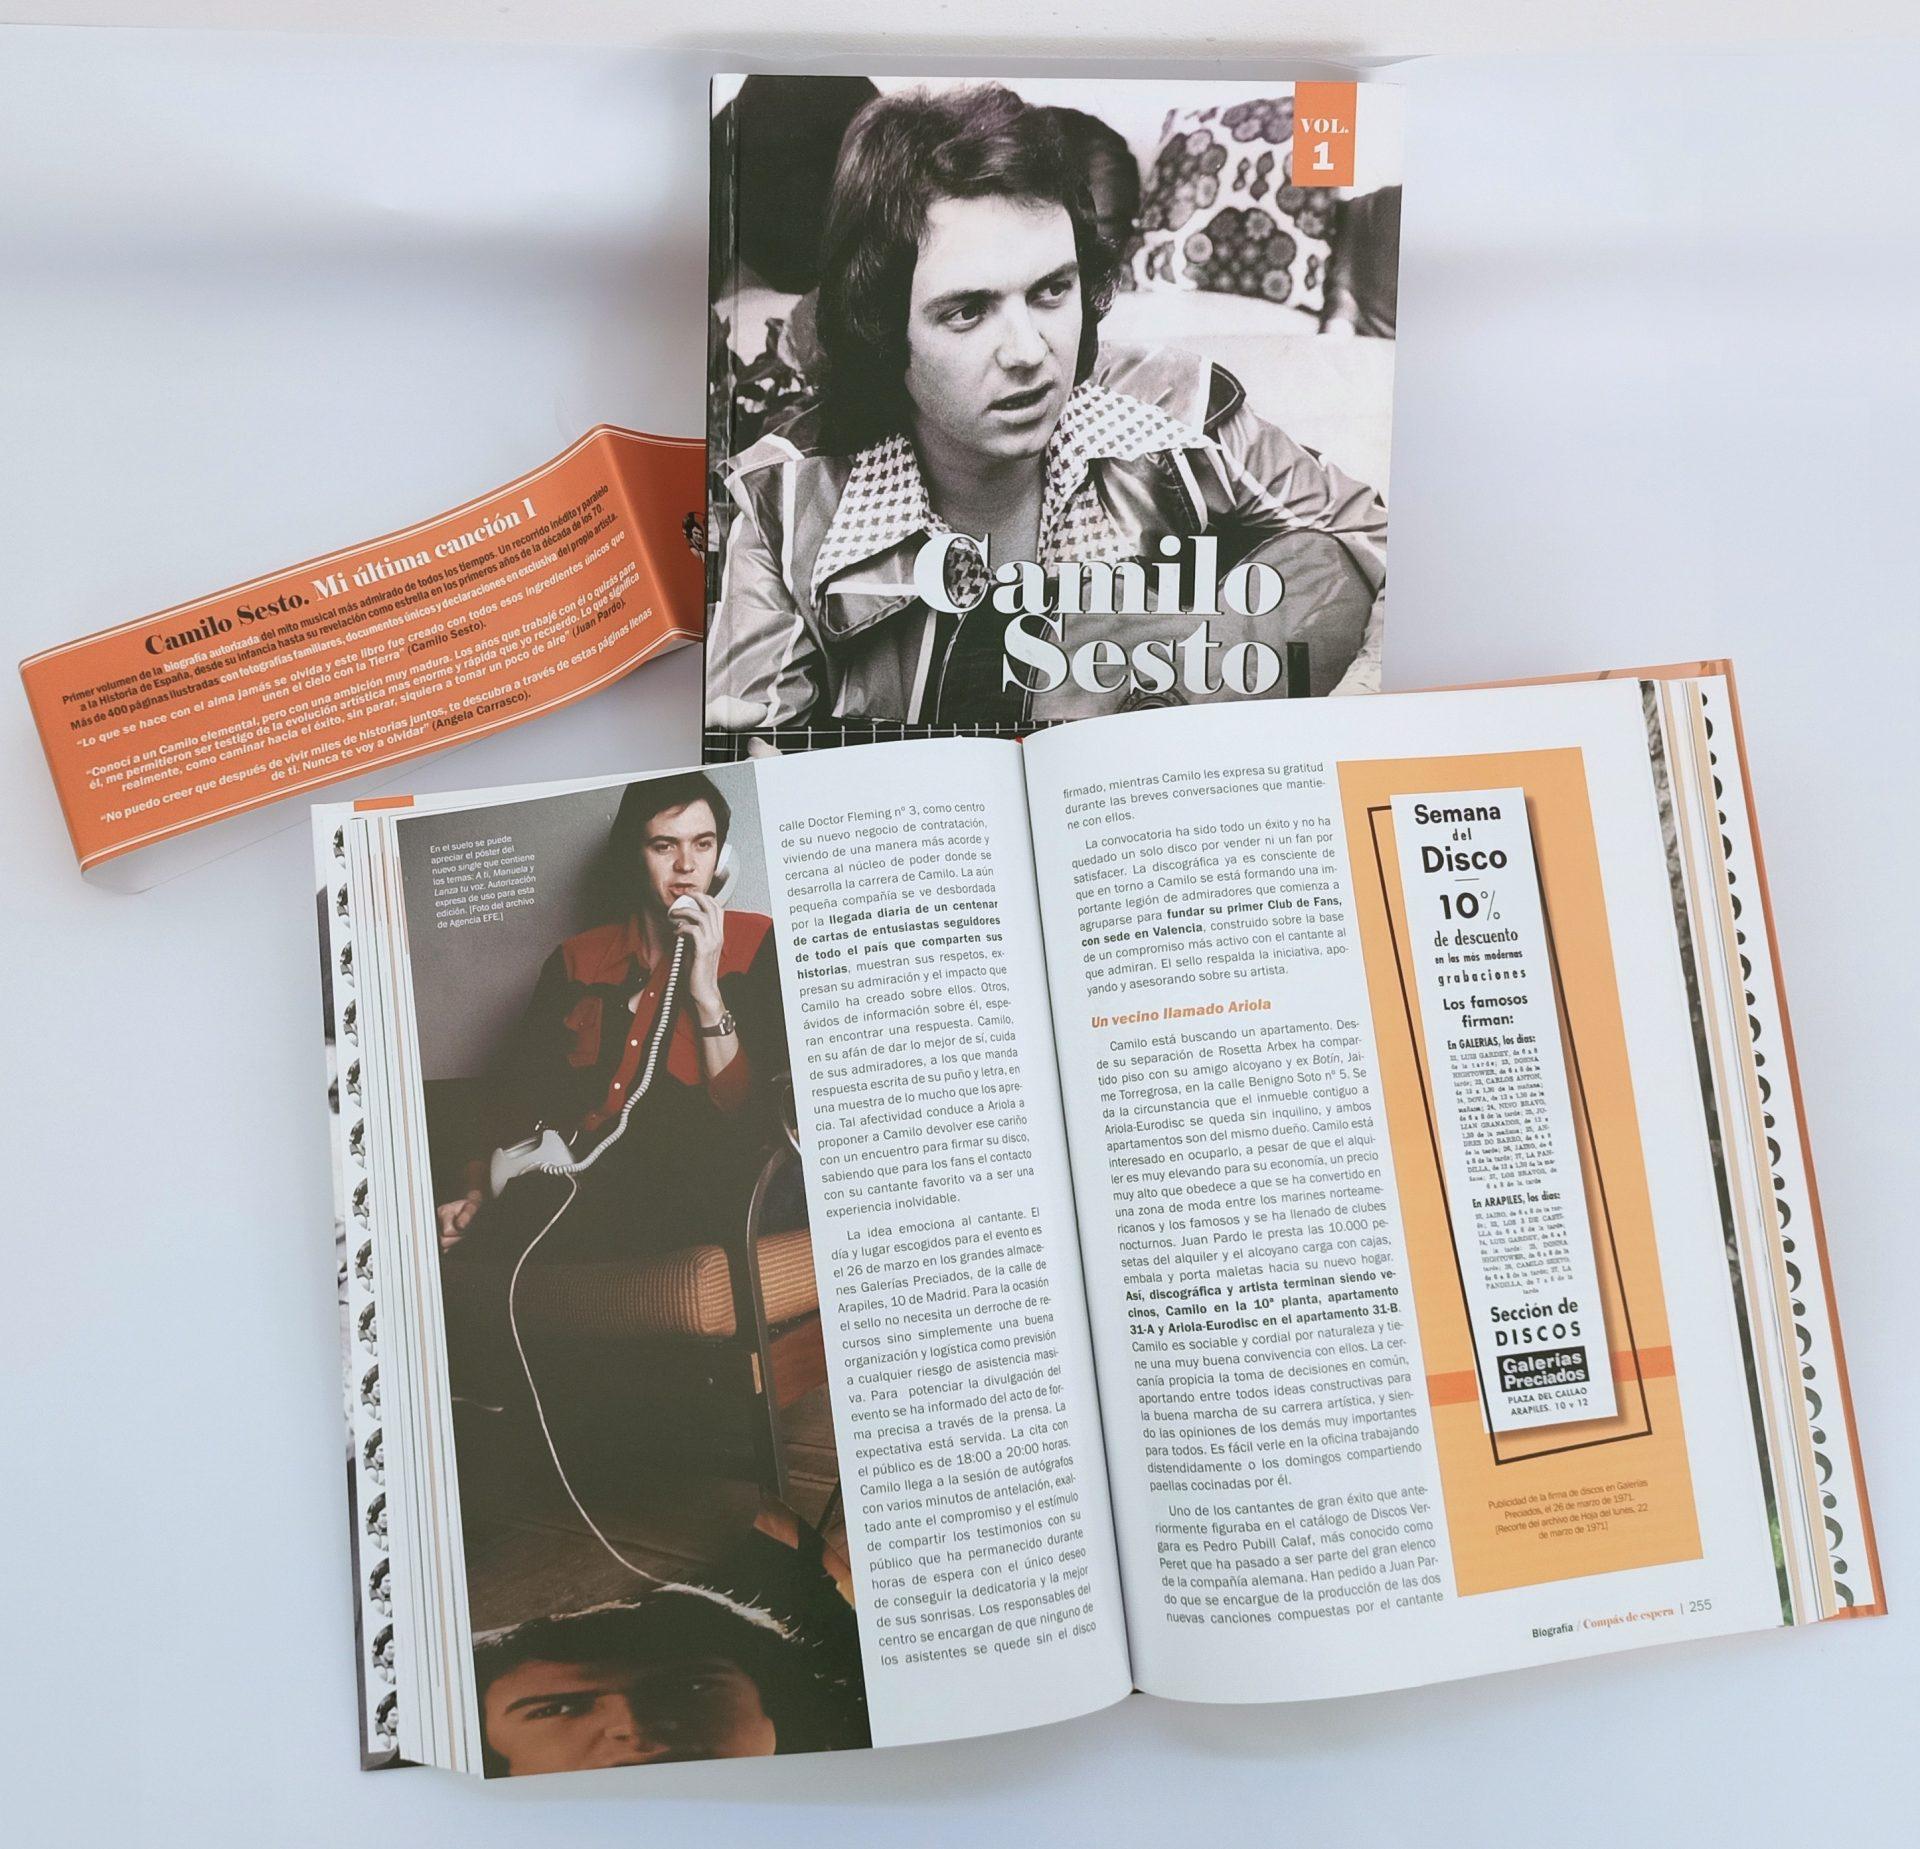 """Imagen de la biografía sobre el artista Camilo Sesto, """"Mi última canción""""."""